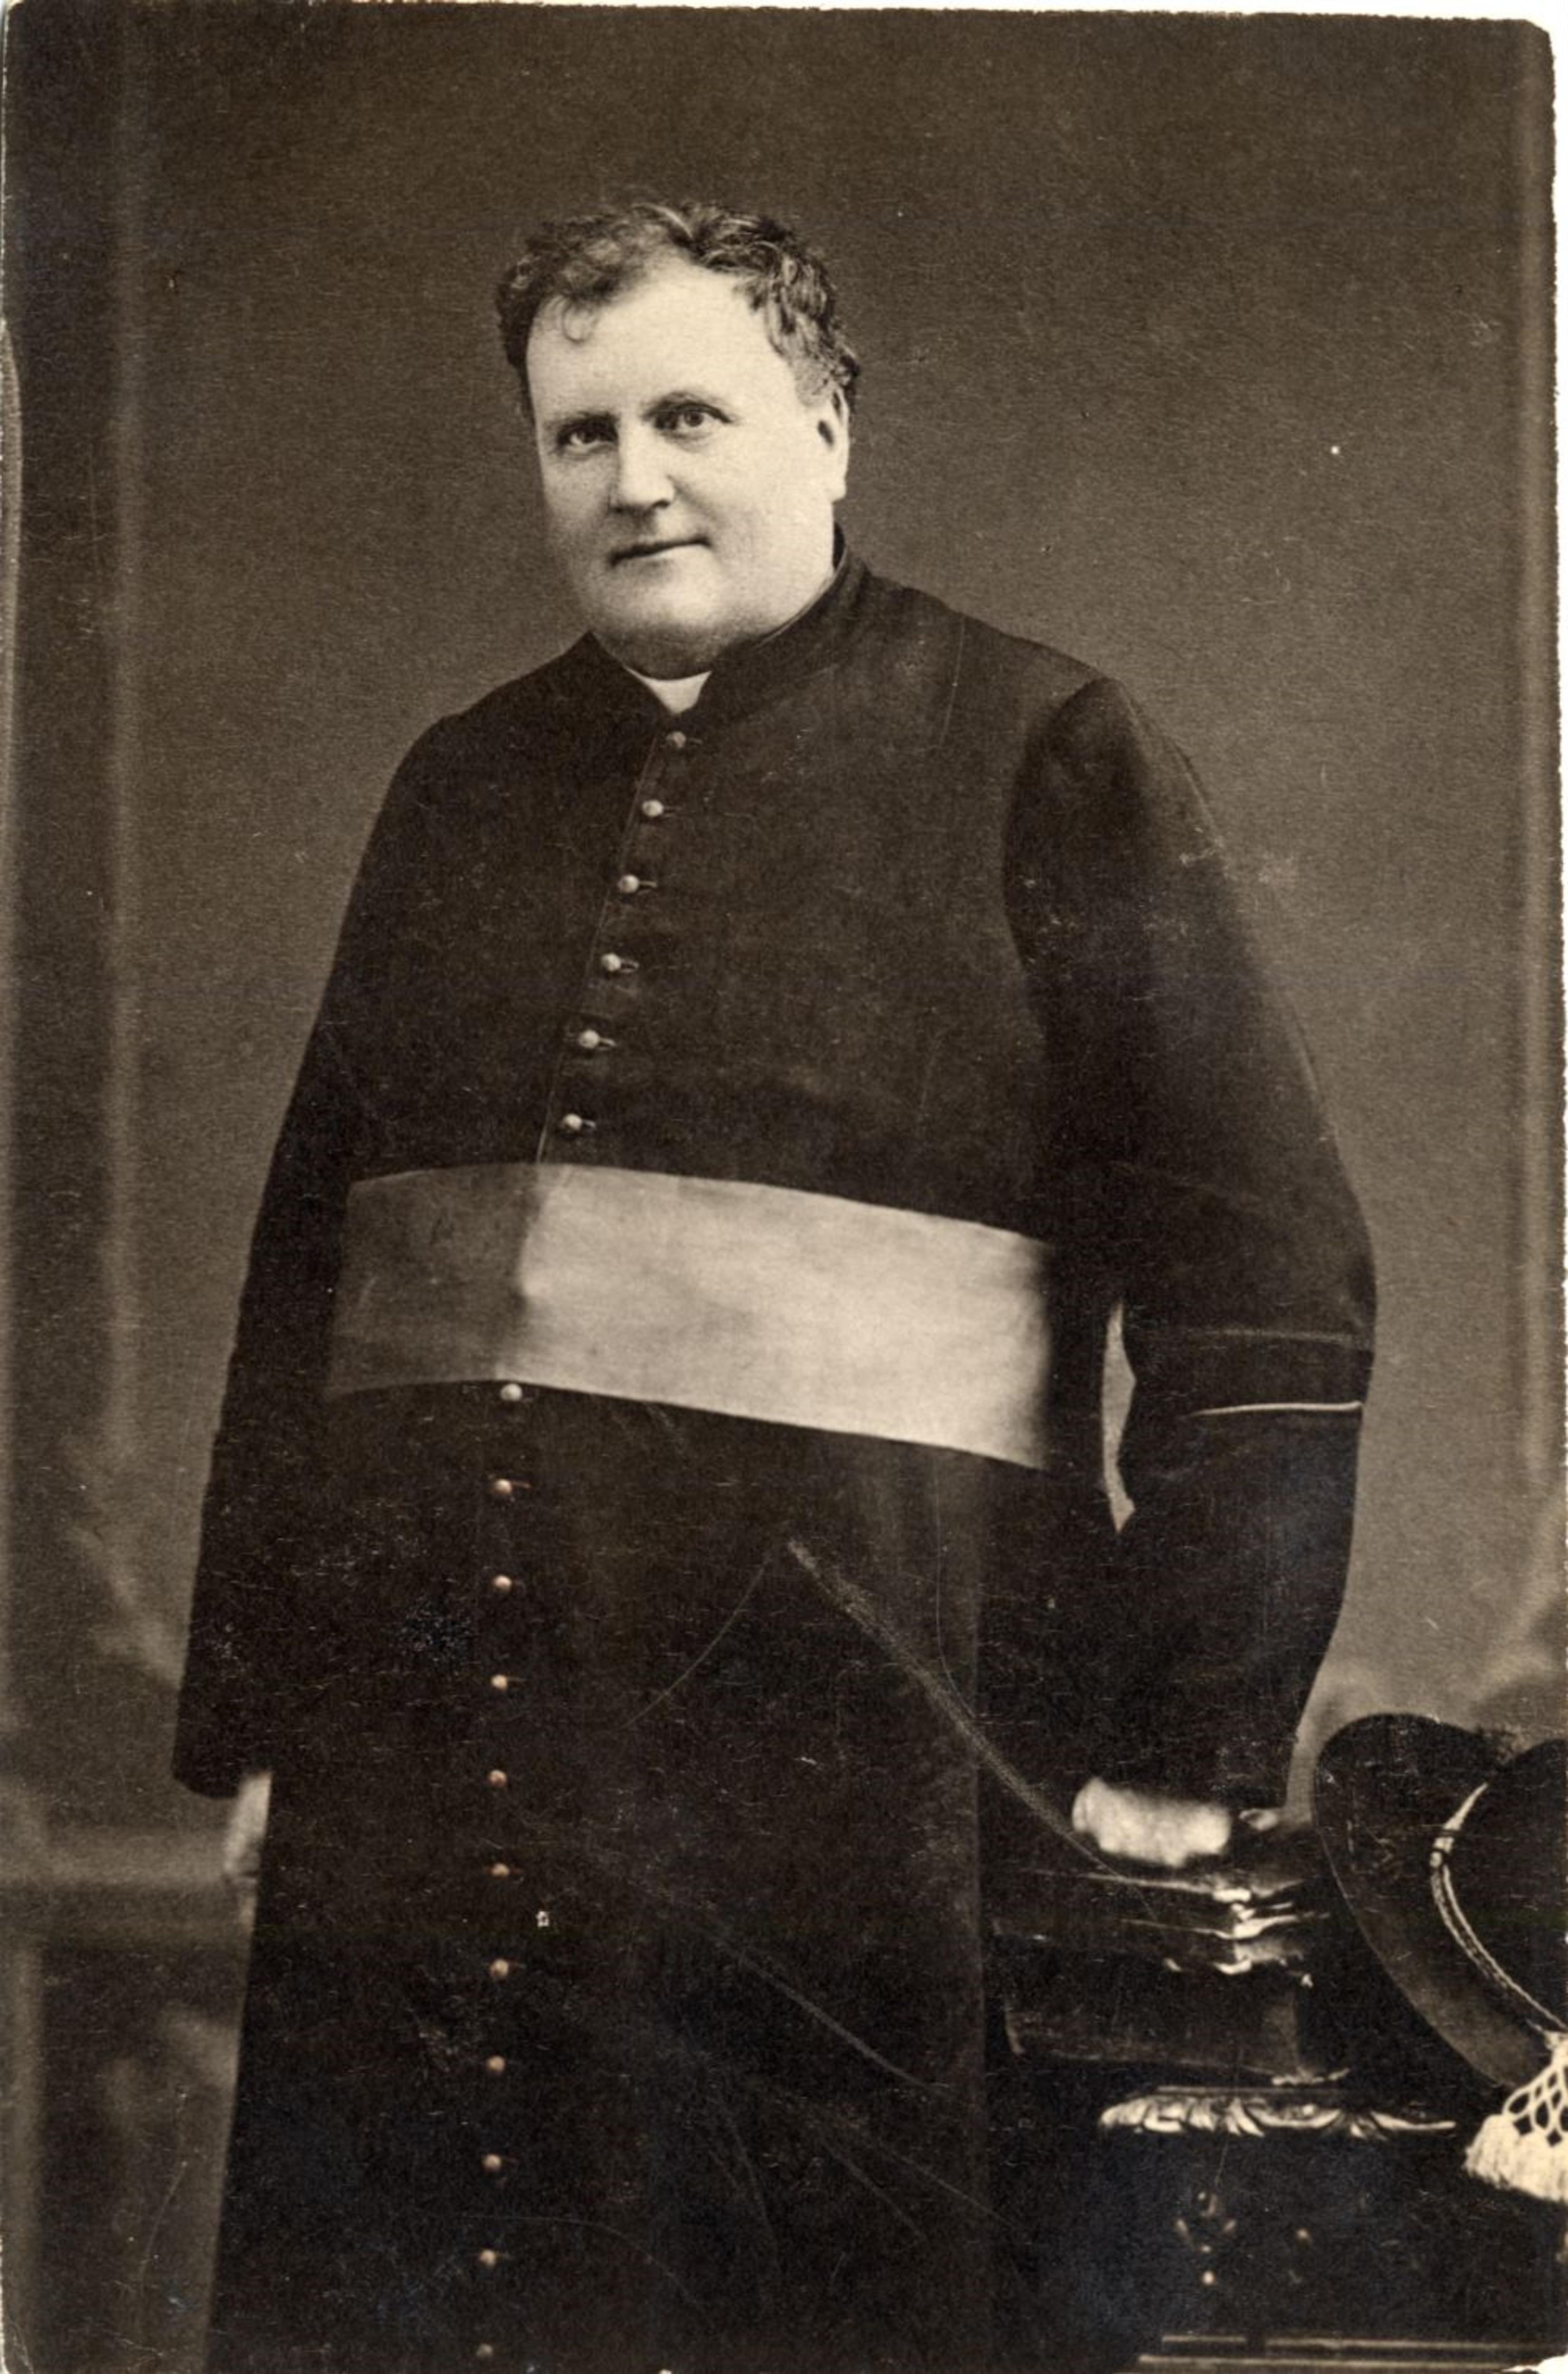 Une photo en noir et blanc du curé Labelle